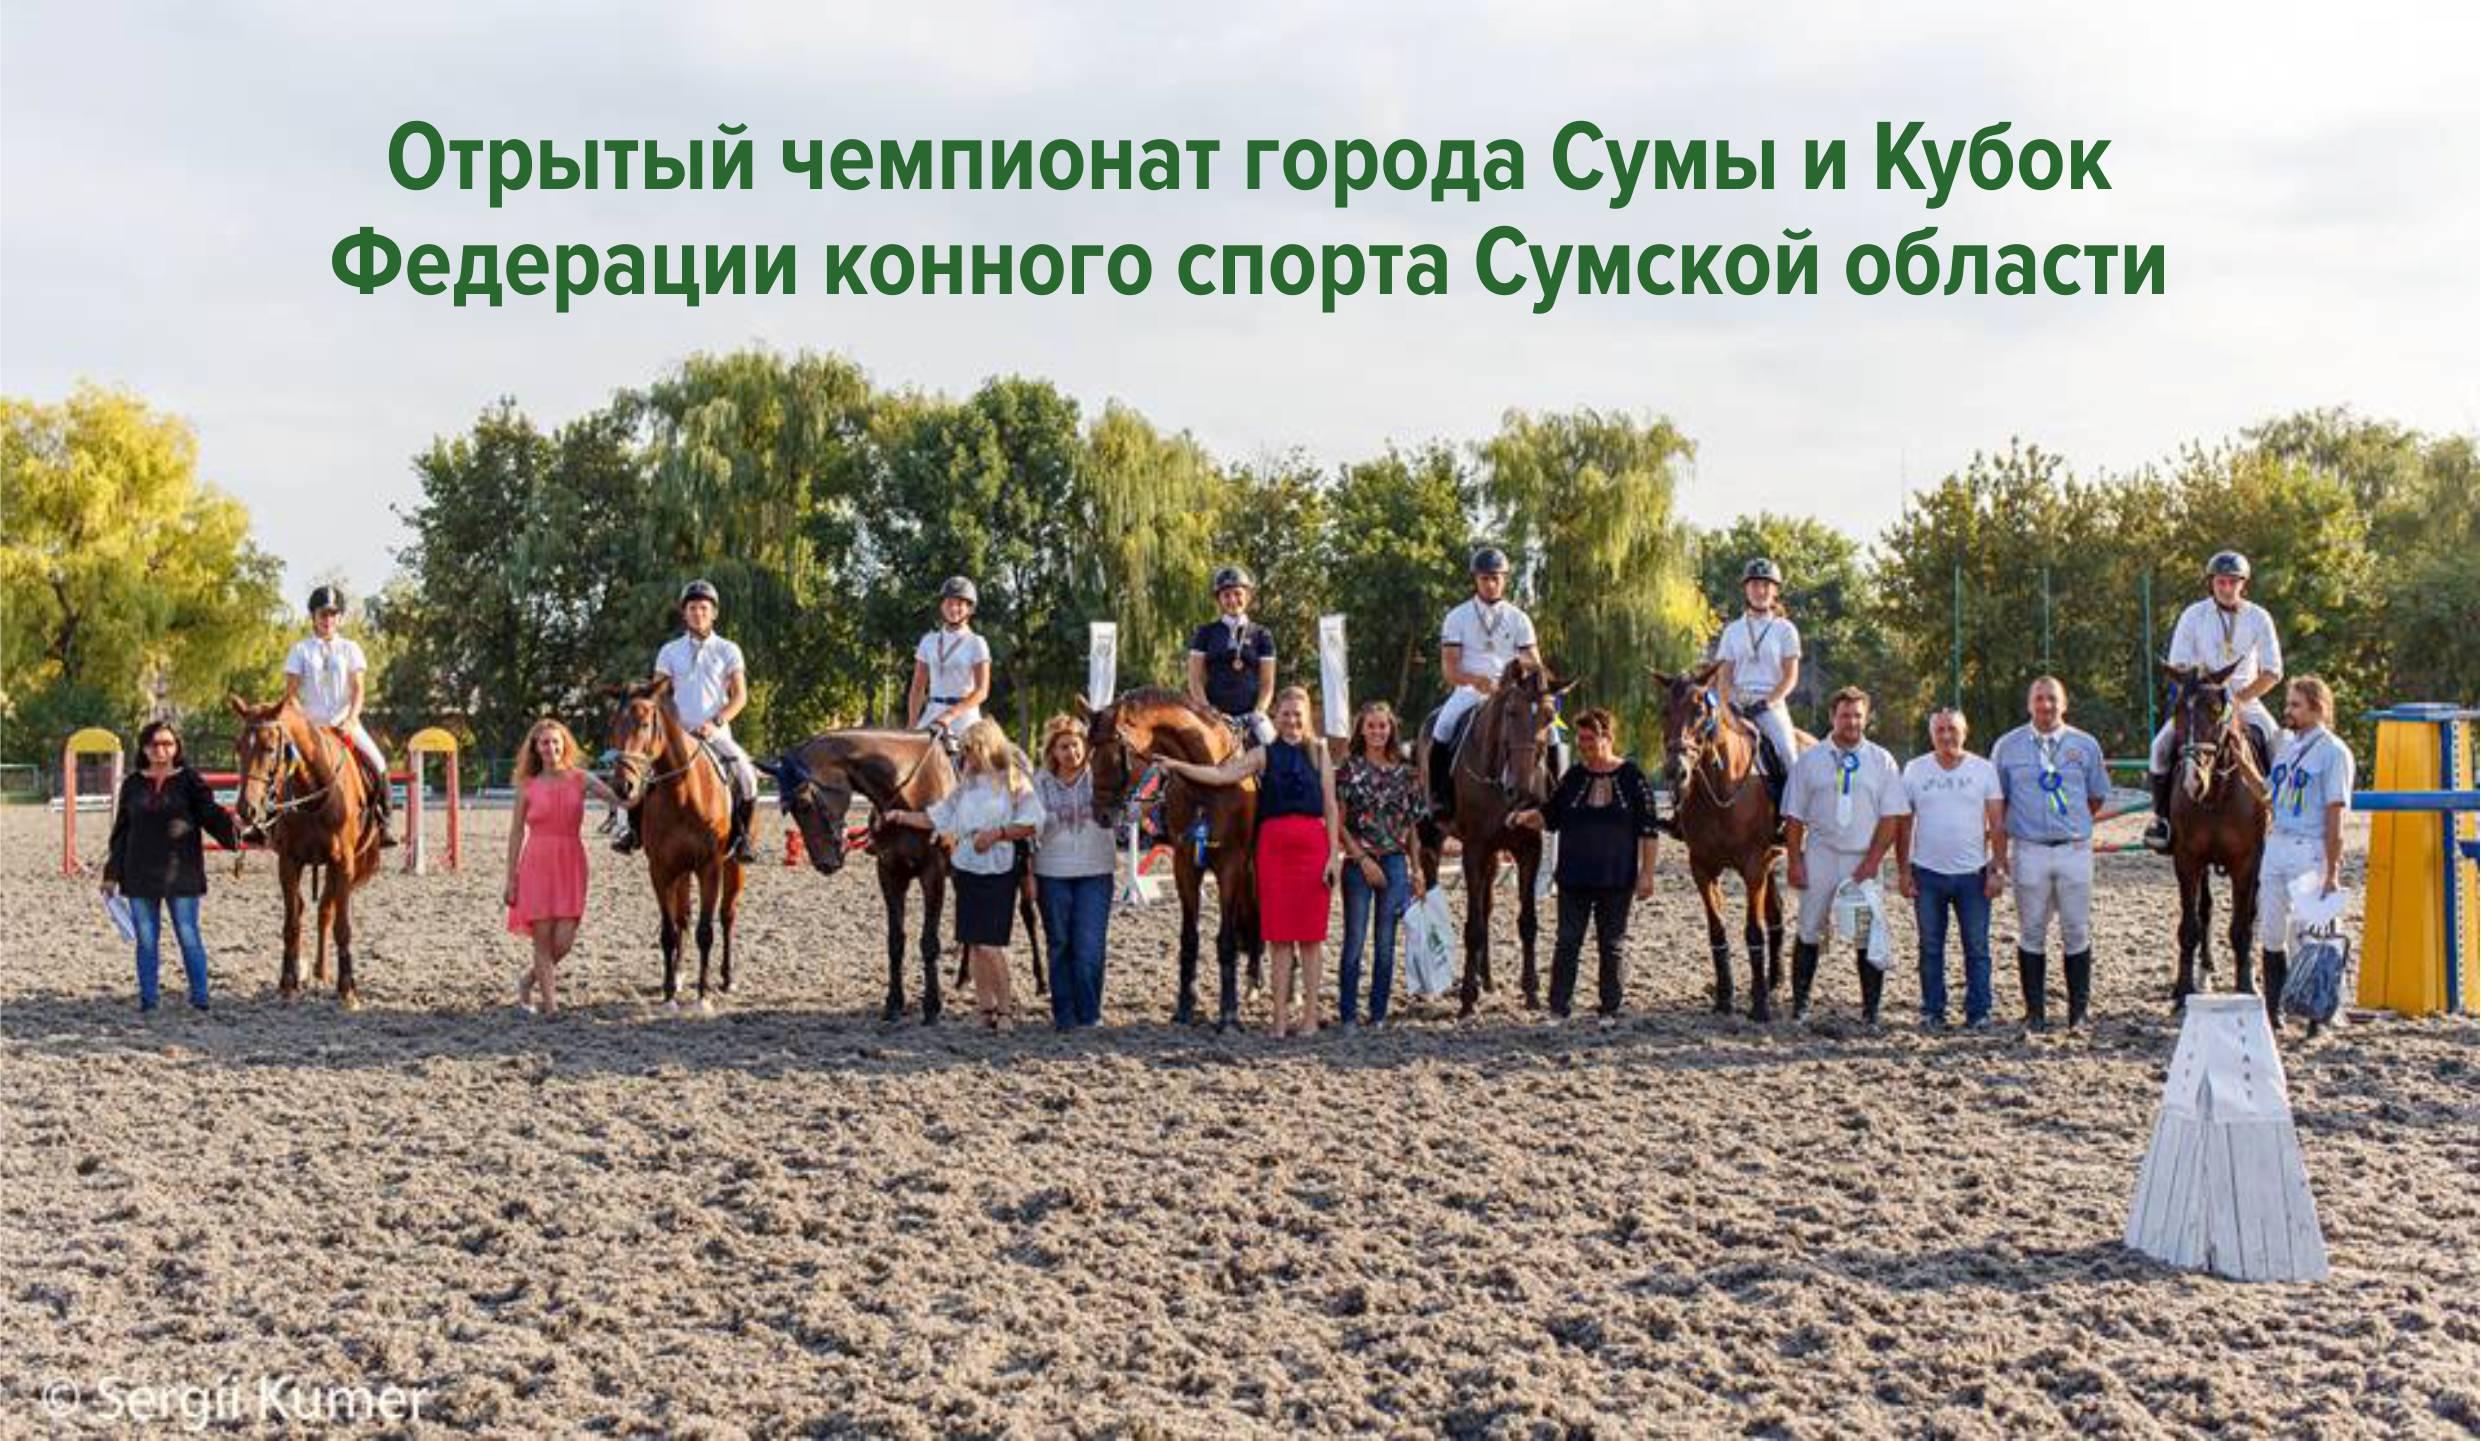 Отрытый чемпионат города Сумы и Кубок Федерации конного спорта Сумской области _ (выпуск журнала №41)